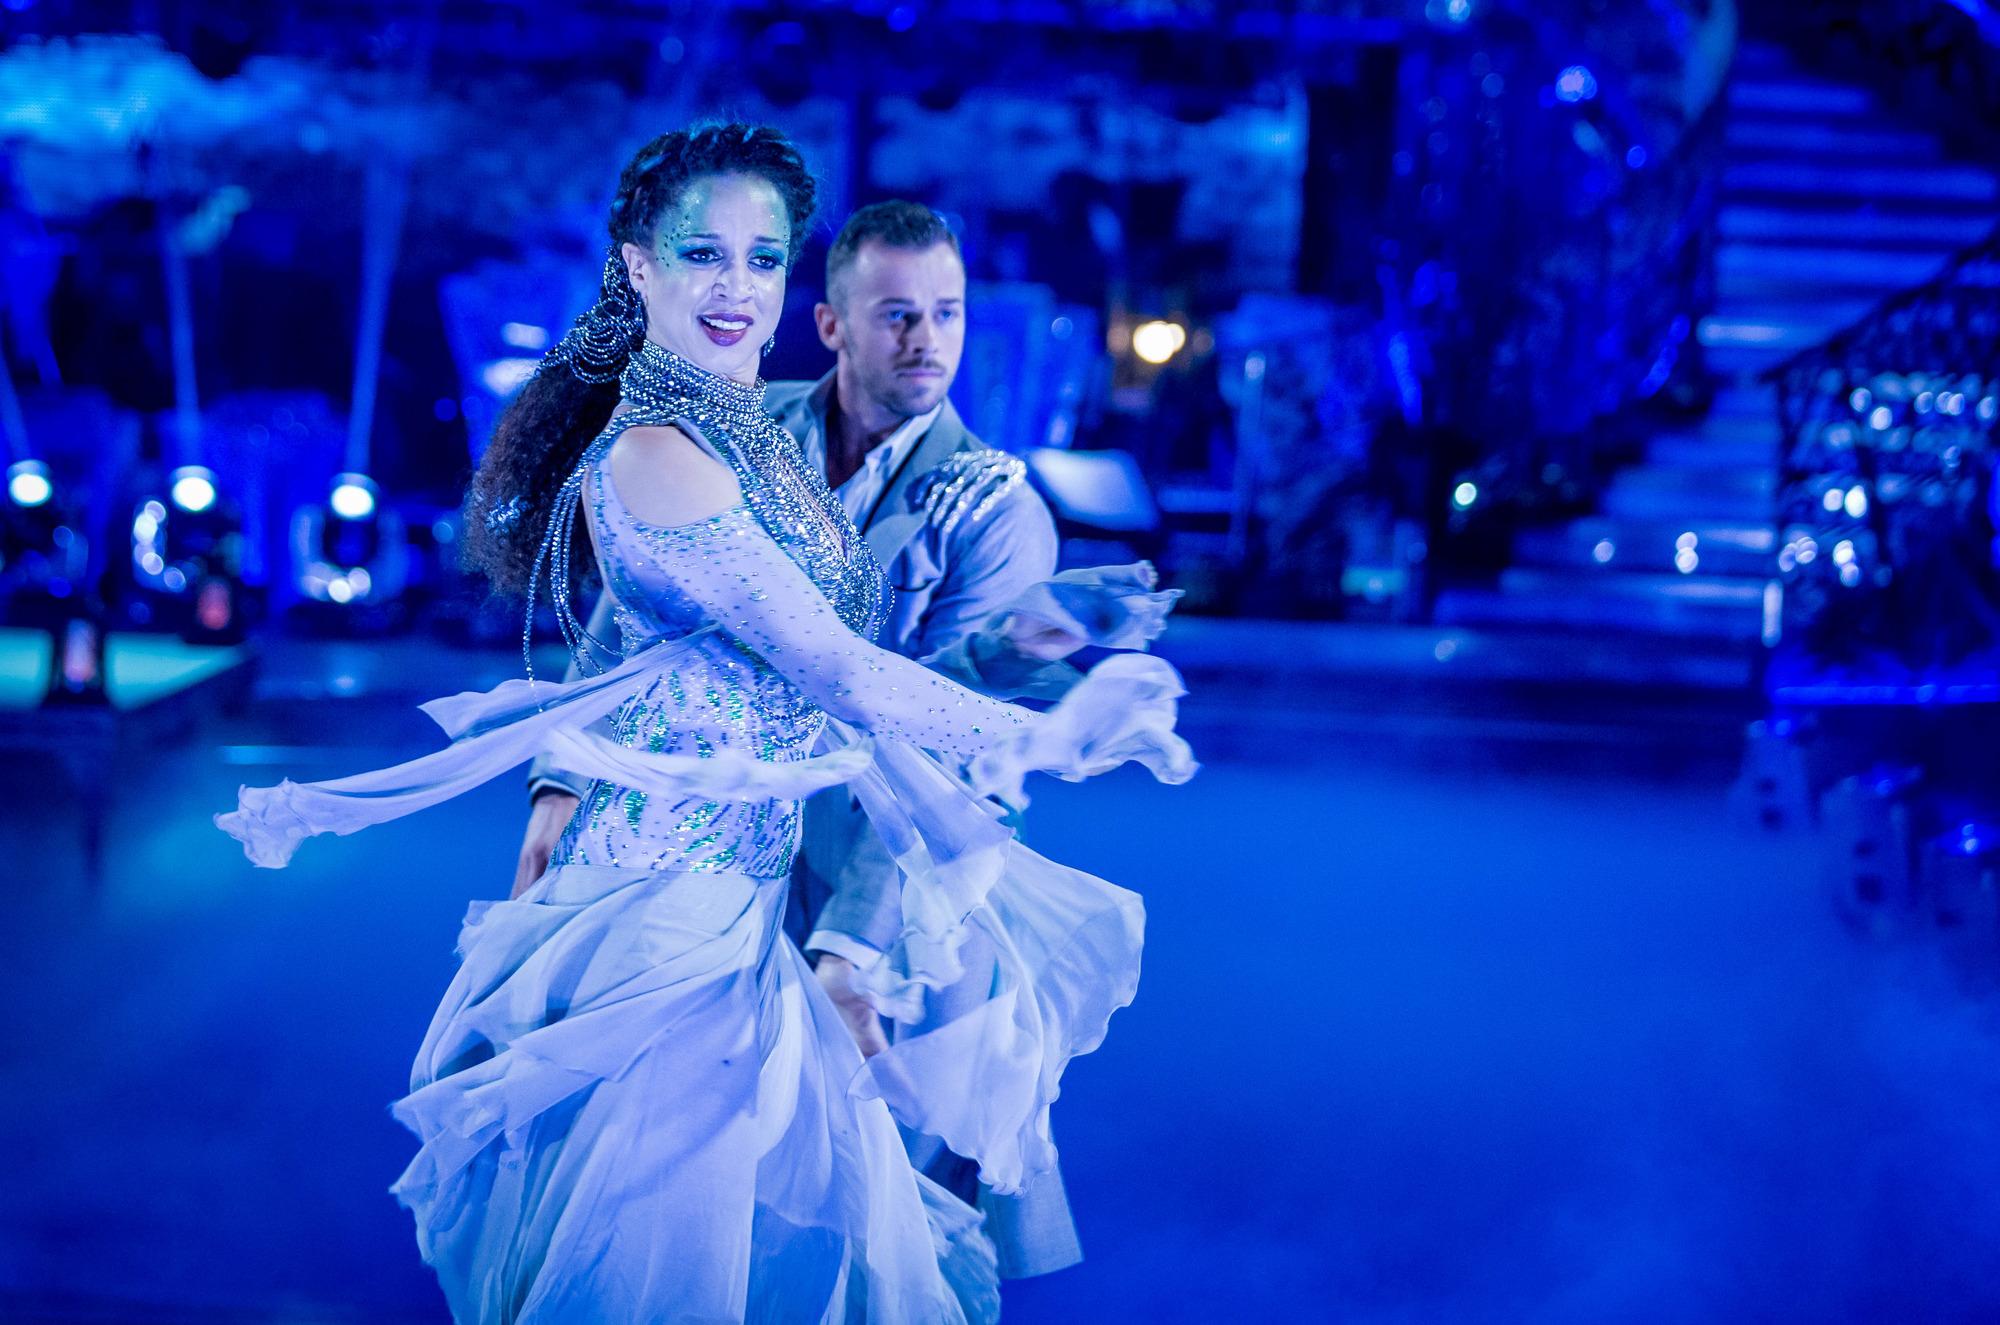 Natalie Gumede, Artem Chigvinstev - (C) BBC - Photographer: Guy Levy